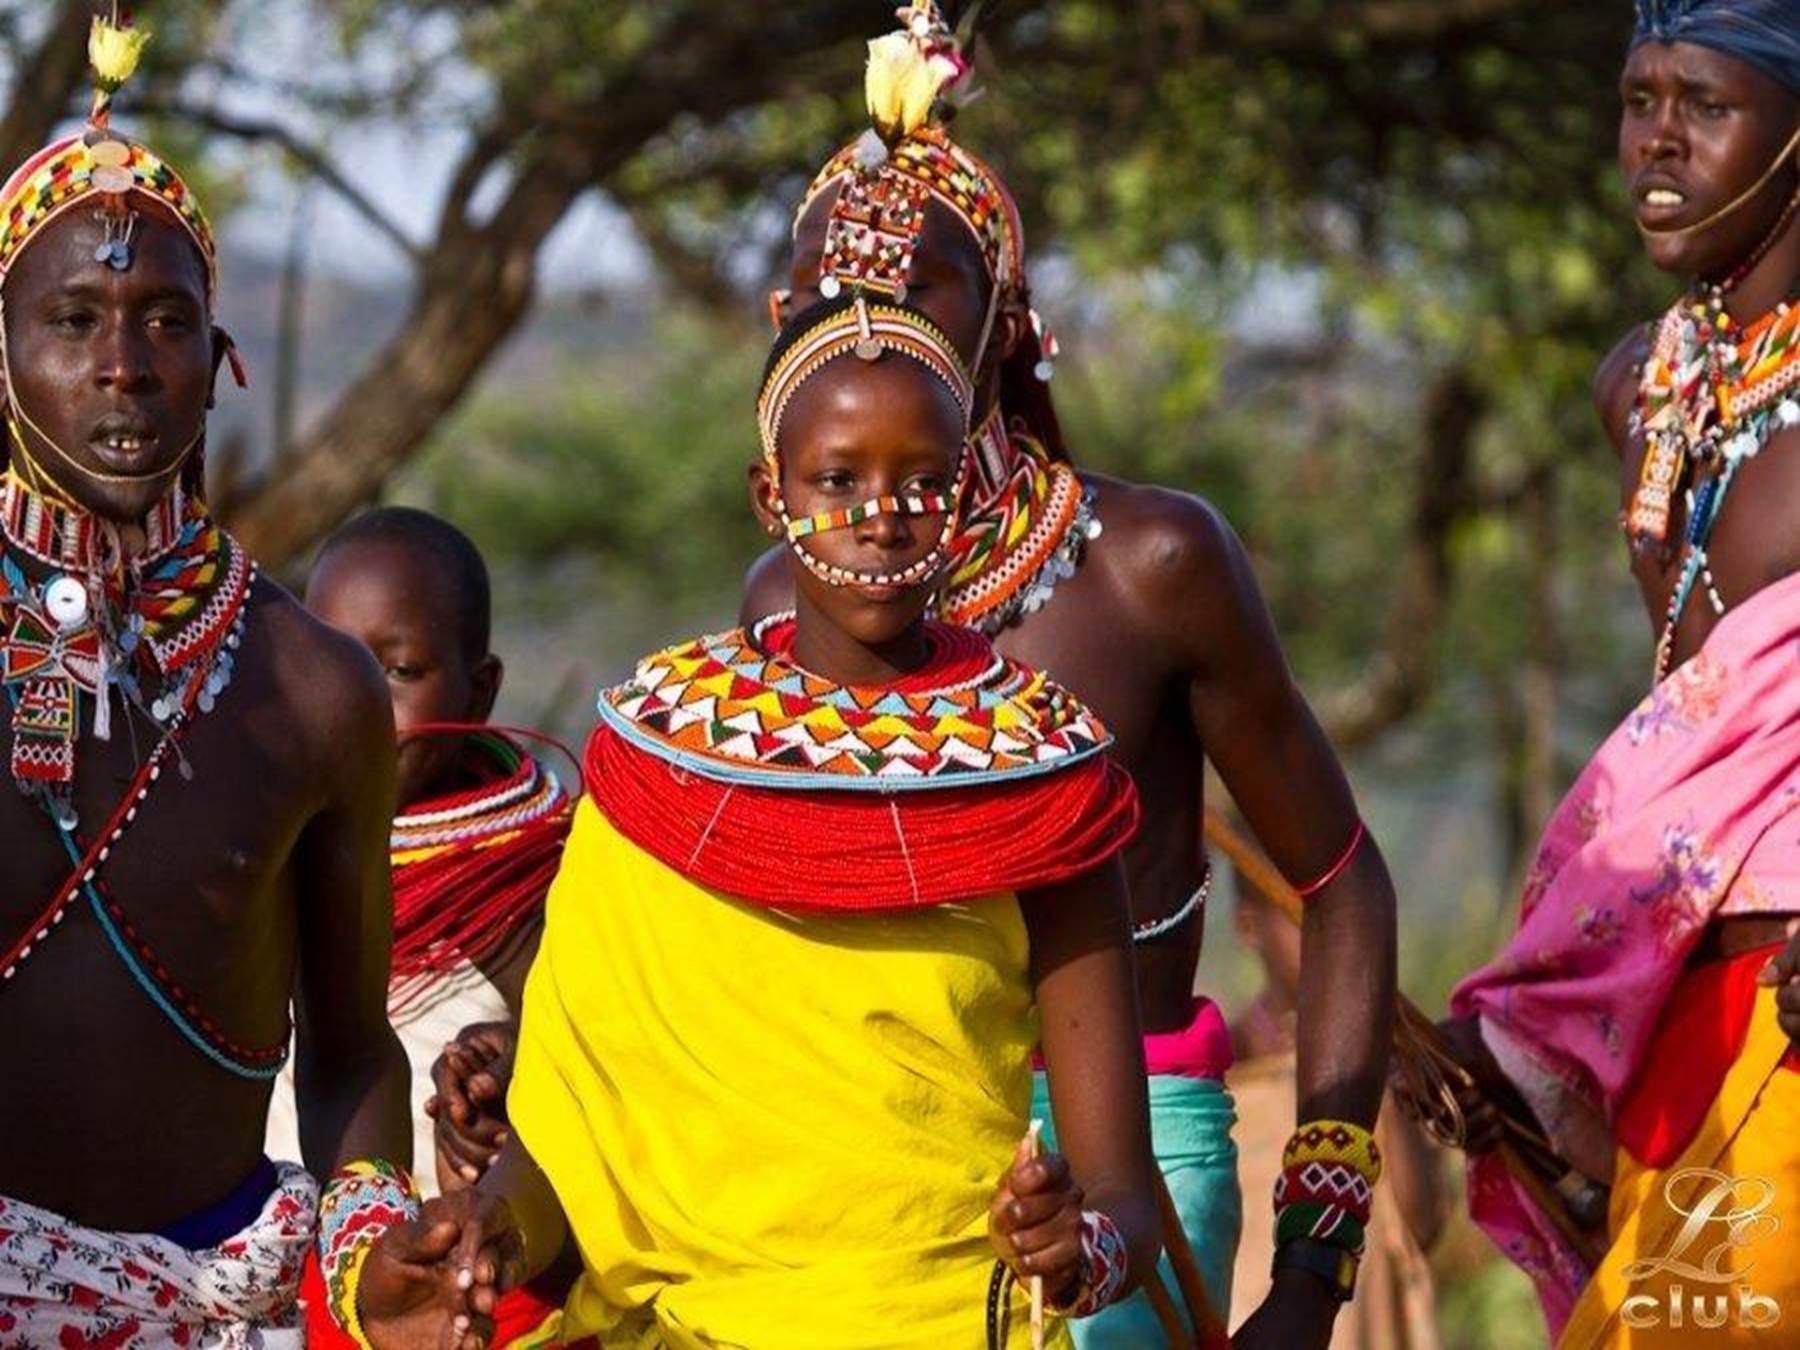 Фото диких племен африки без одежды 27 фотография